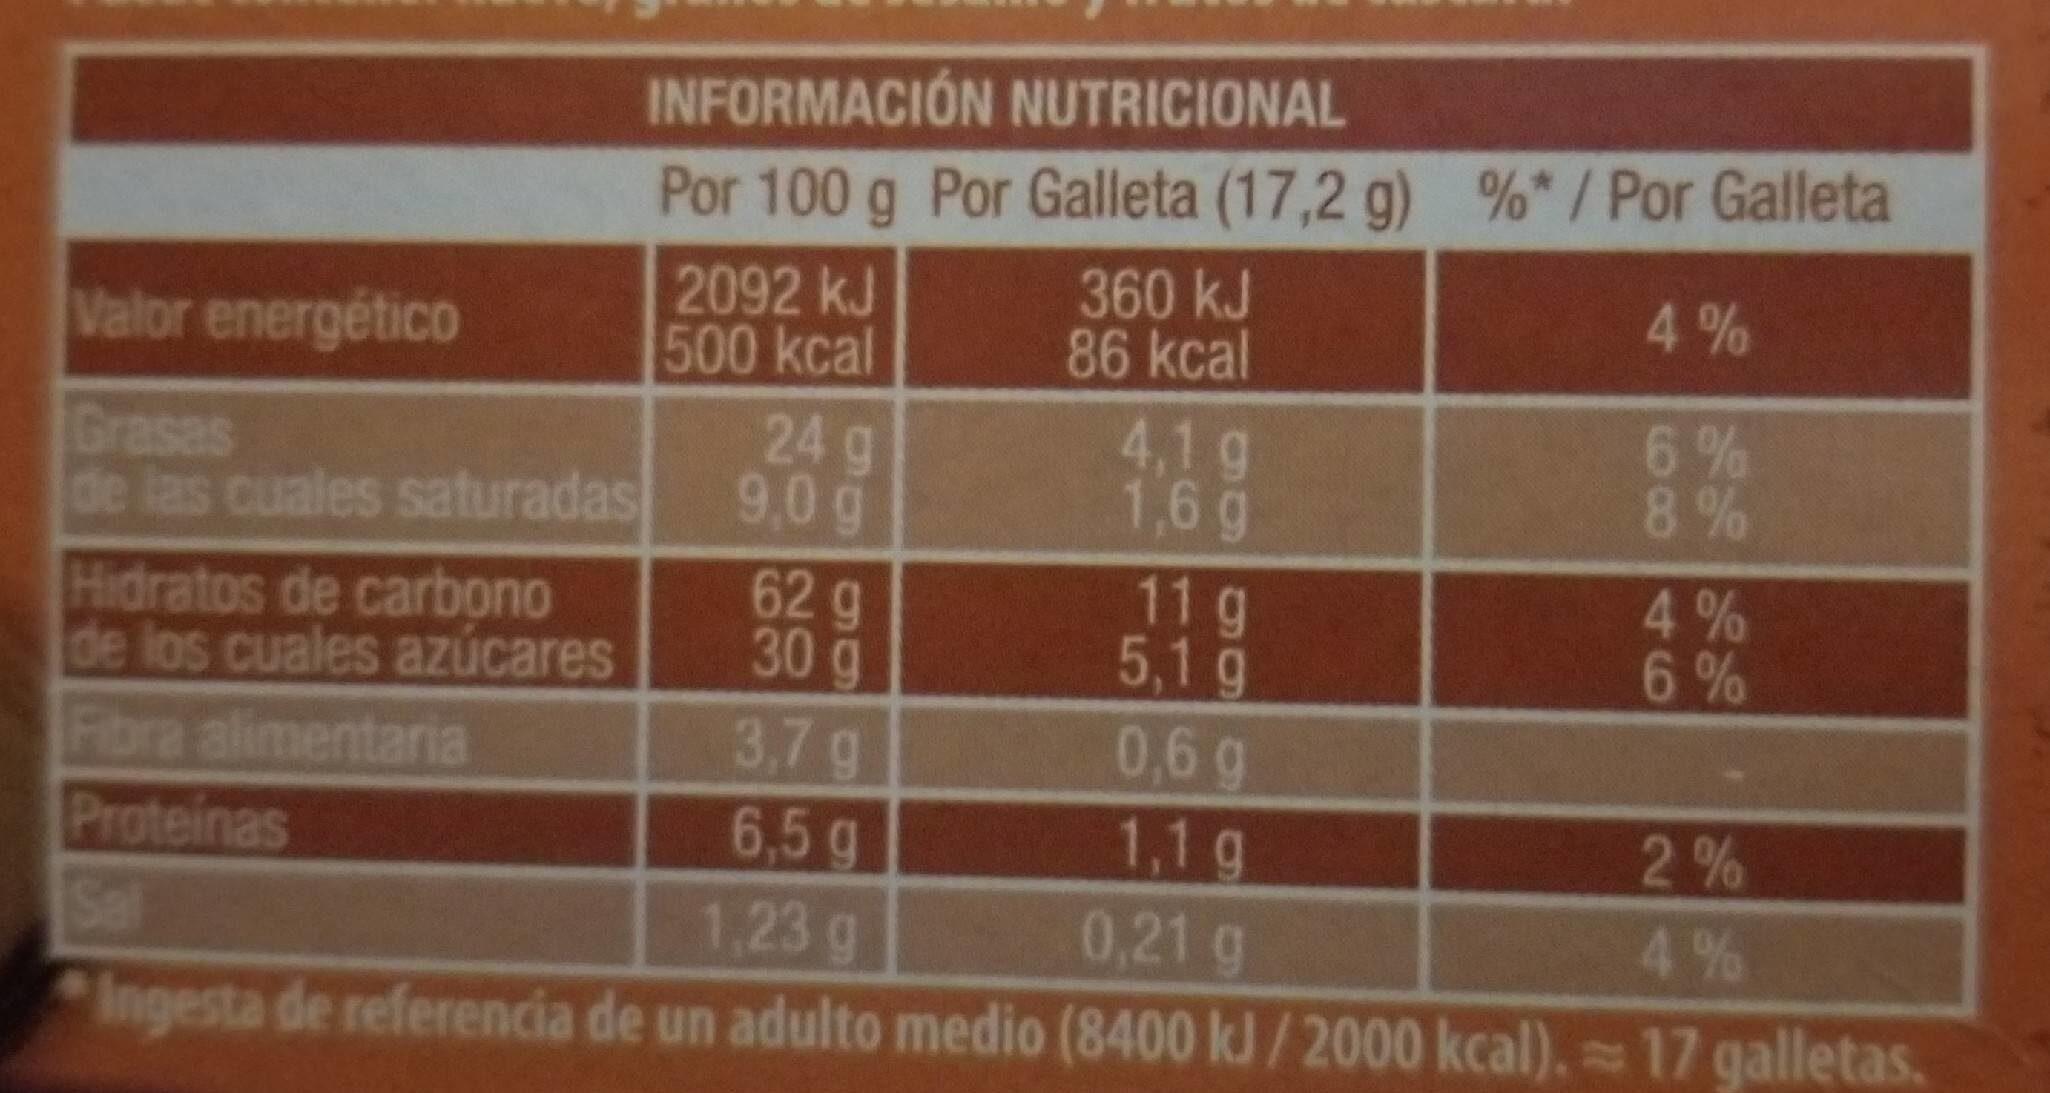 Galletas Digestive con chocolate con leche - Informació nutricional - es